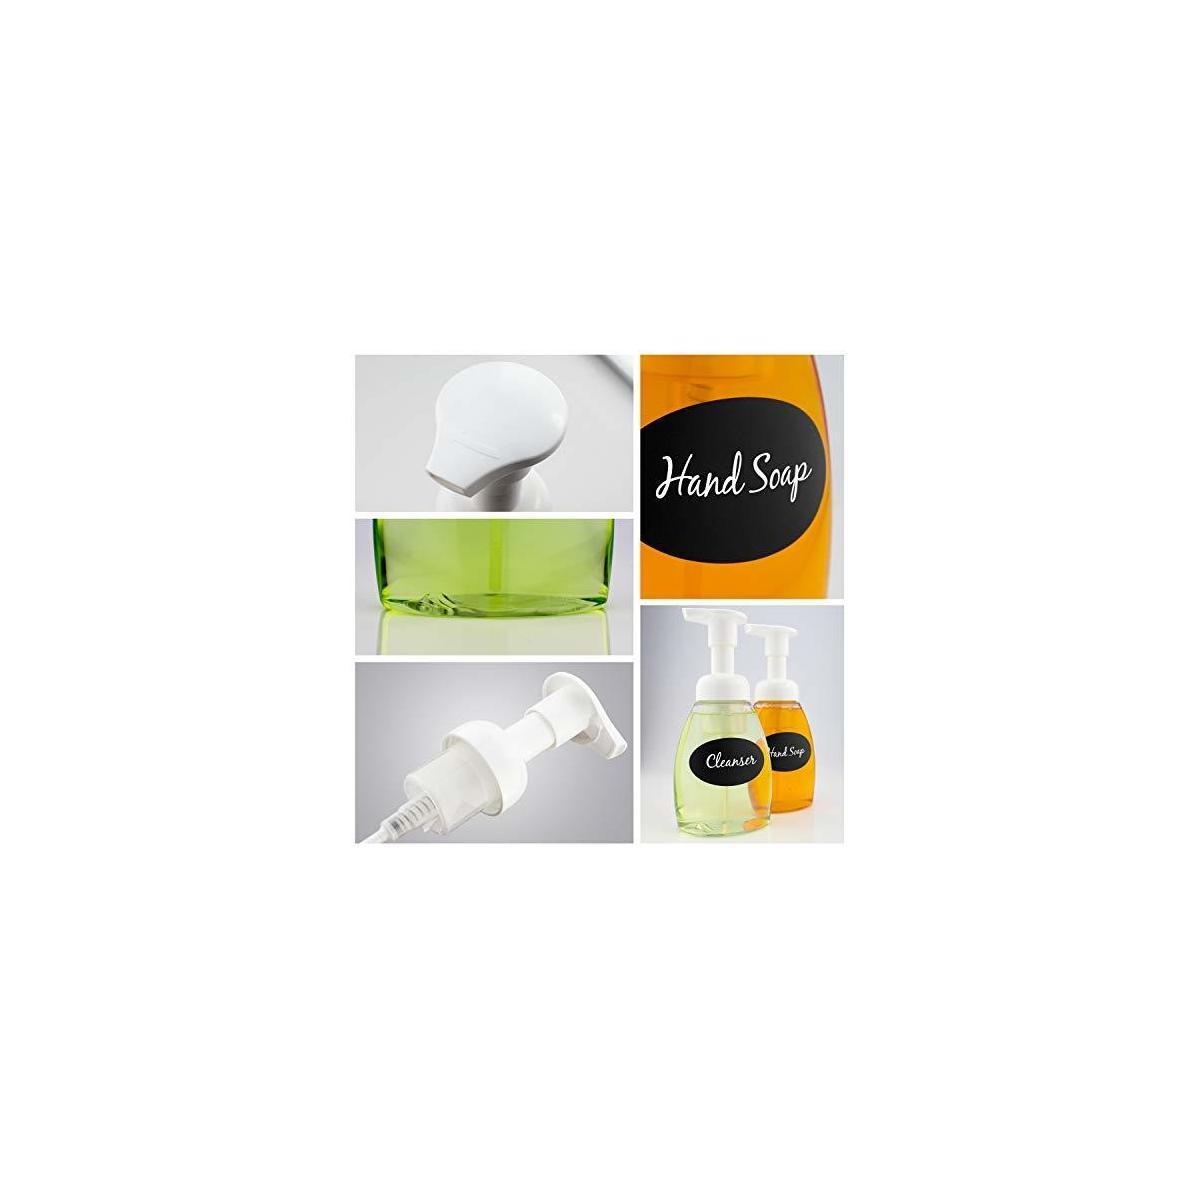 Foaming Soap Dispenser Bottles - Chalk Labels & Pen Included